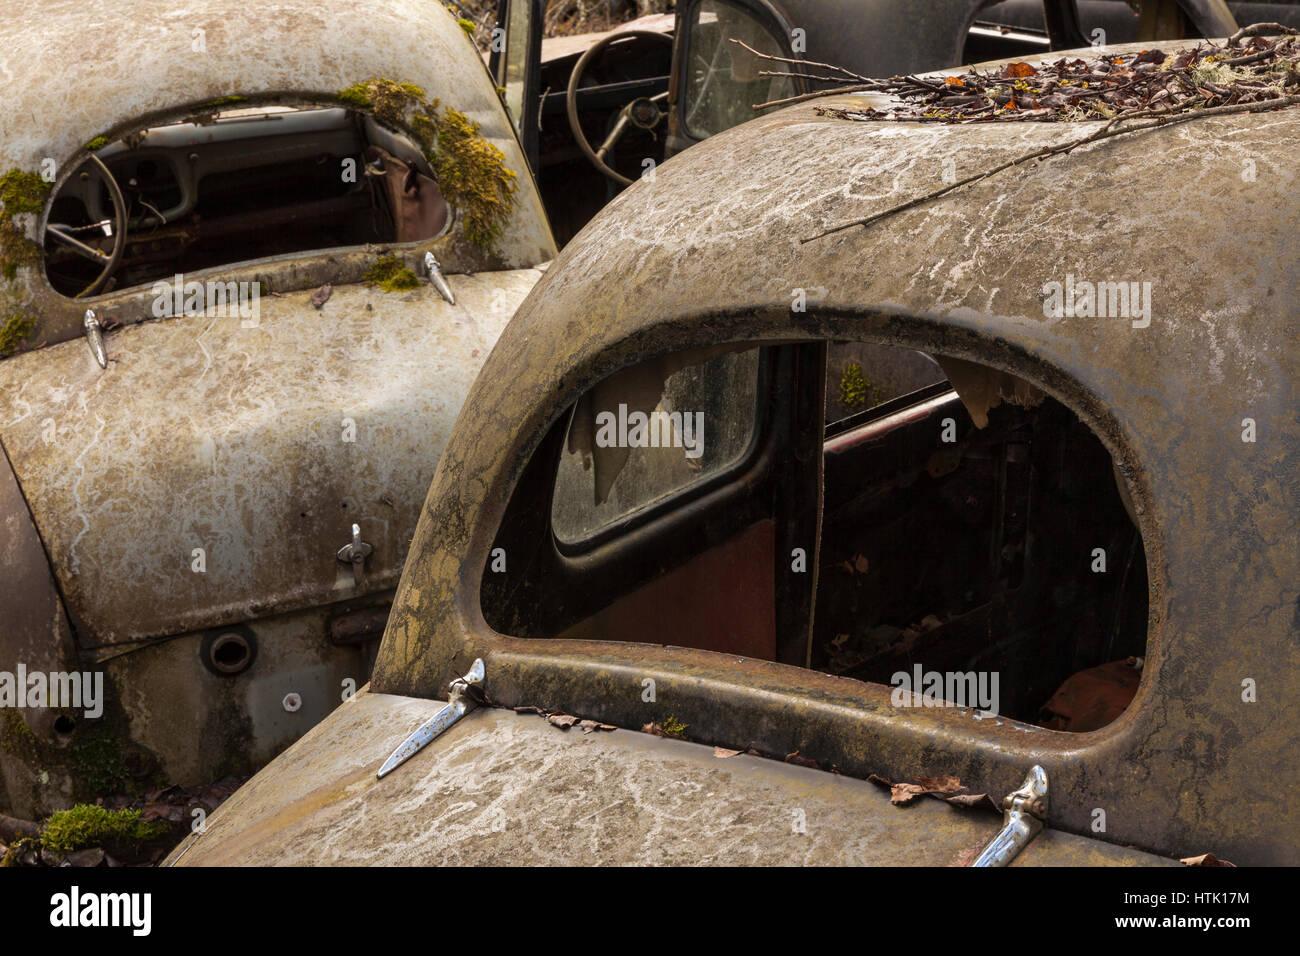 Rusty old vintage cars, scrap yard, Bastnäs, Värmland, Sweden - Stock Image